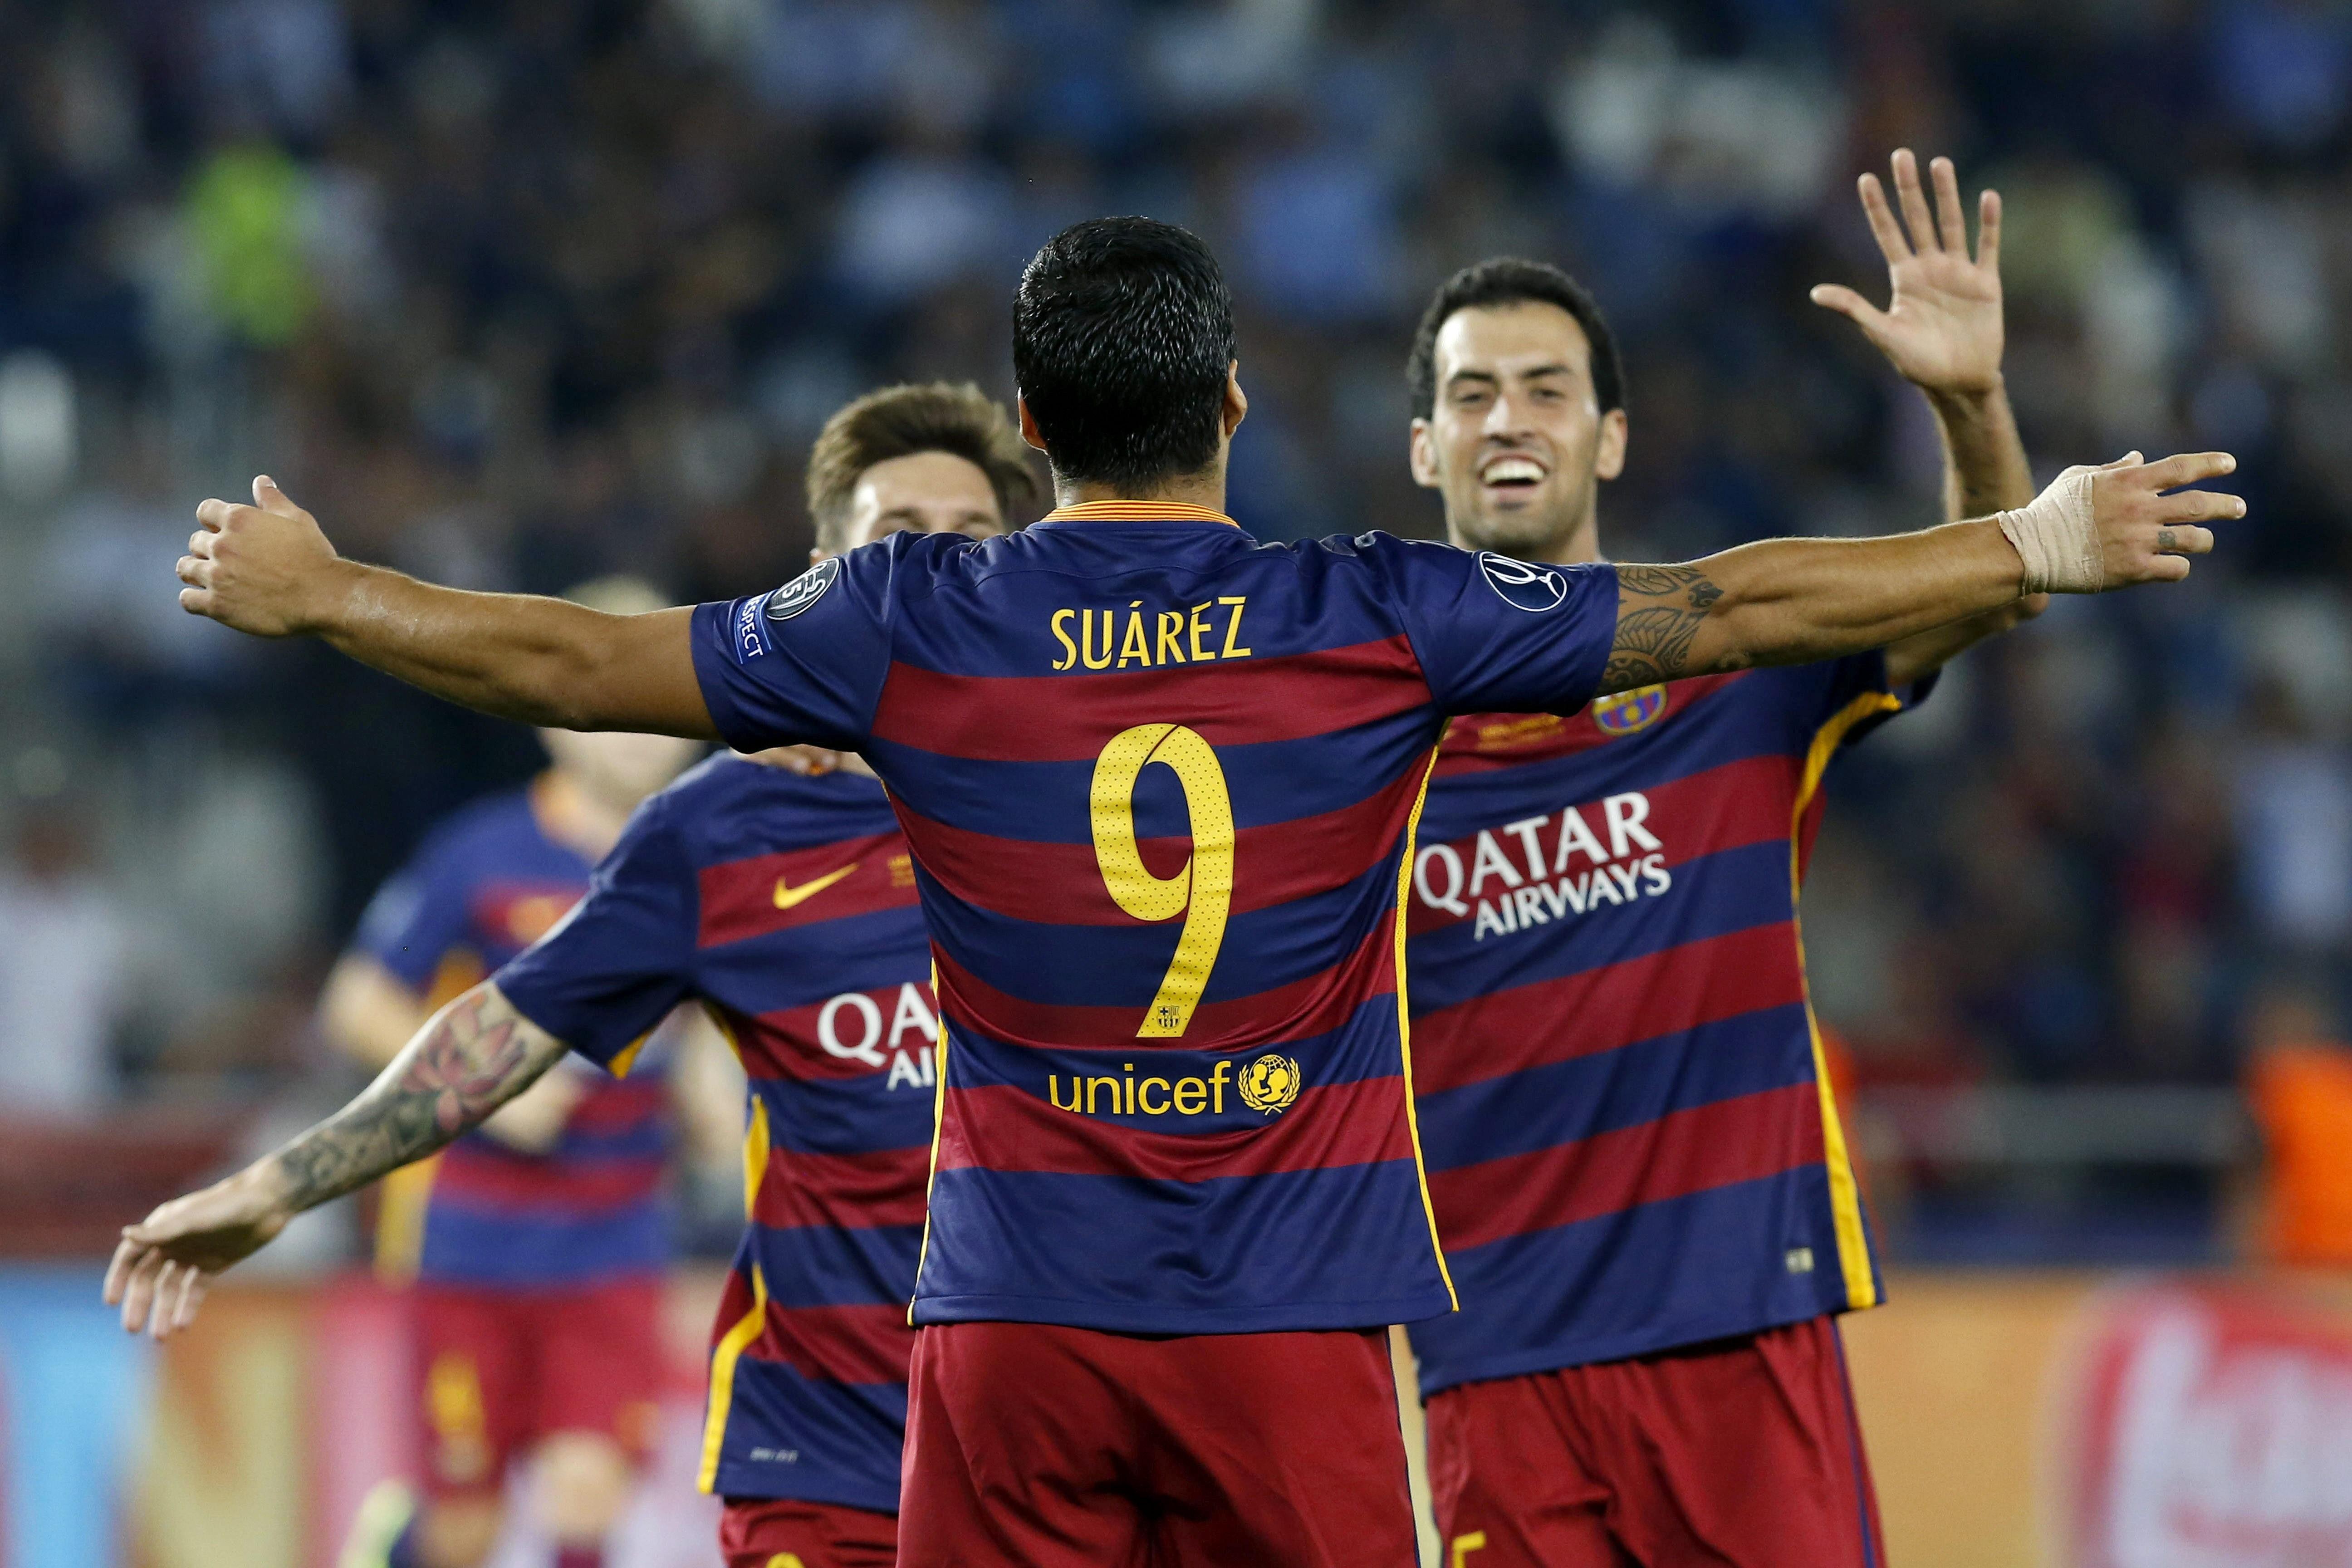 UEFA Avrupa Süper Kupası'nda normal süresi 4-4 biten maçta, Barcelona 115. dakikada bulduğu golle Avrupa Süper Kupası'nda zafere ulaştı.